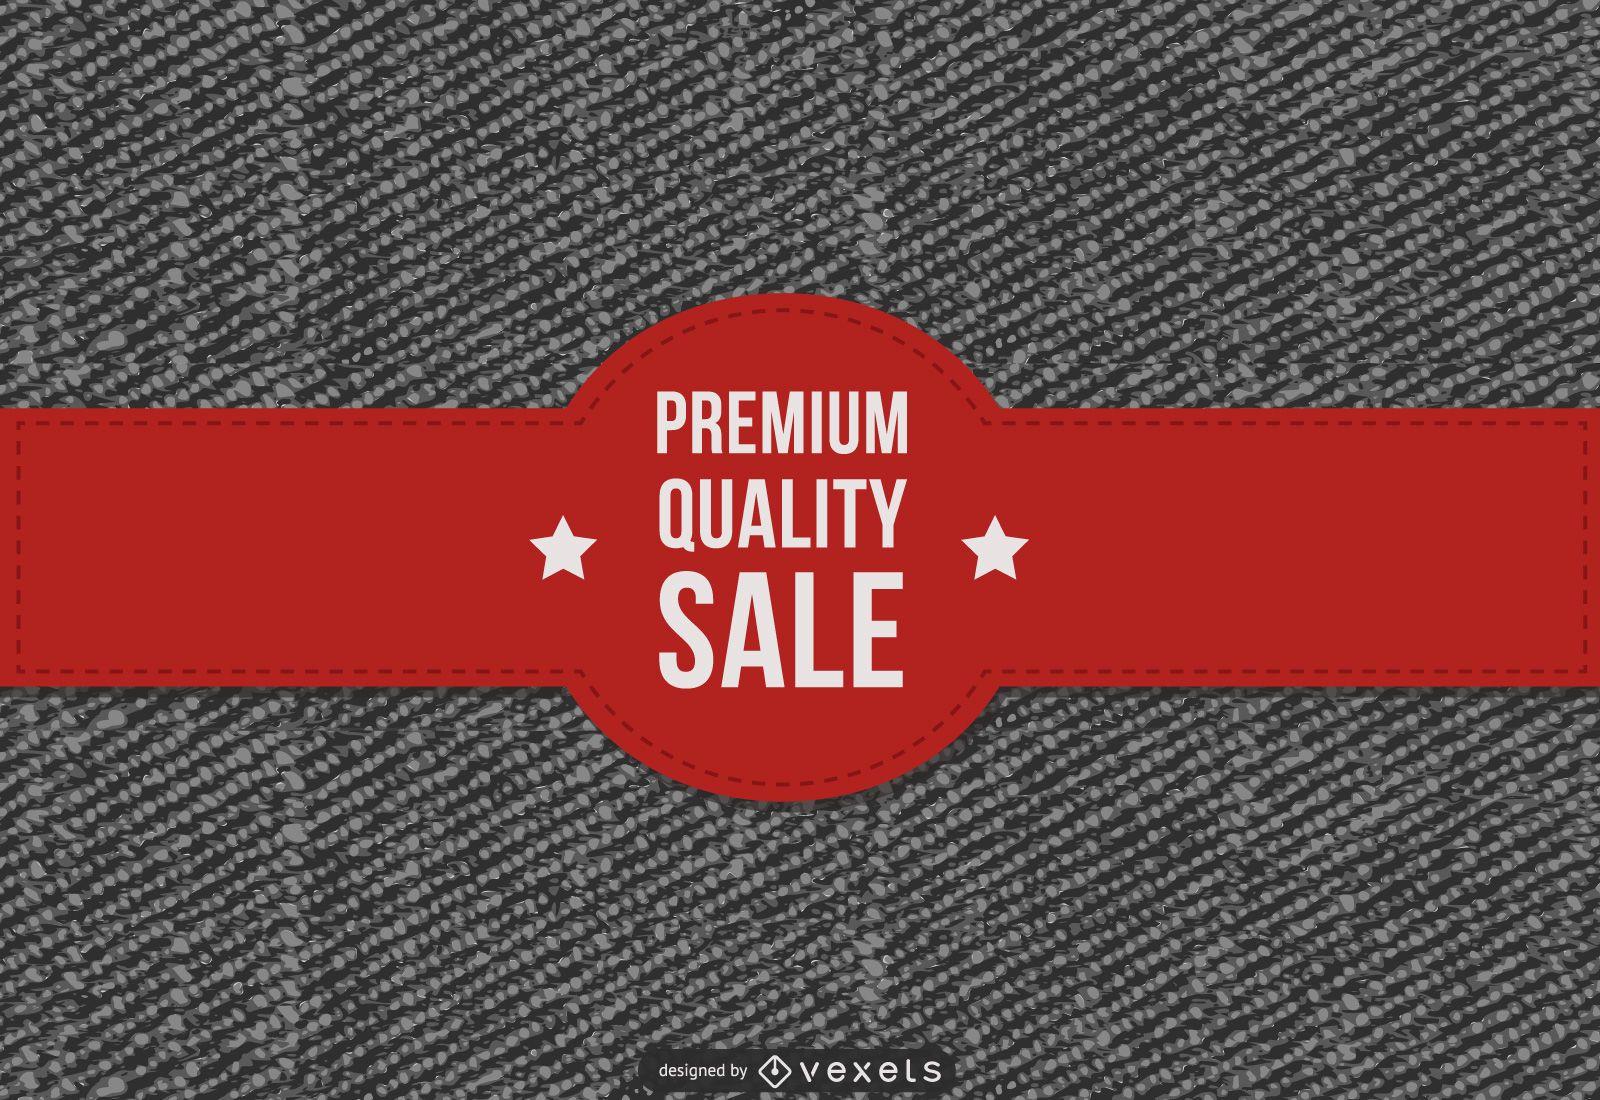 Promoción de rebajas de jeans premium